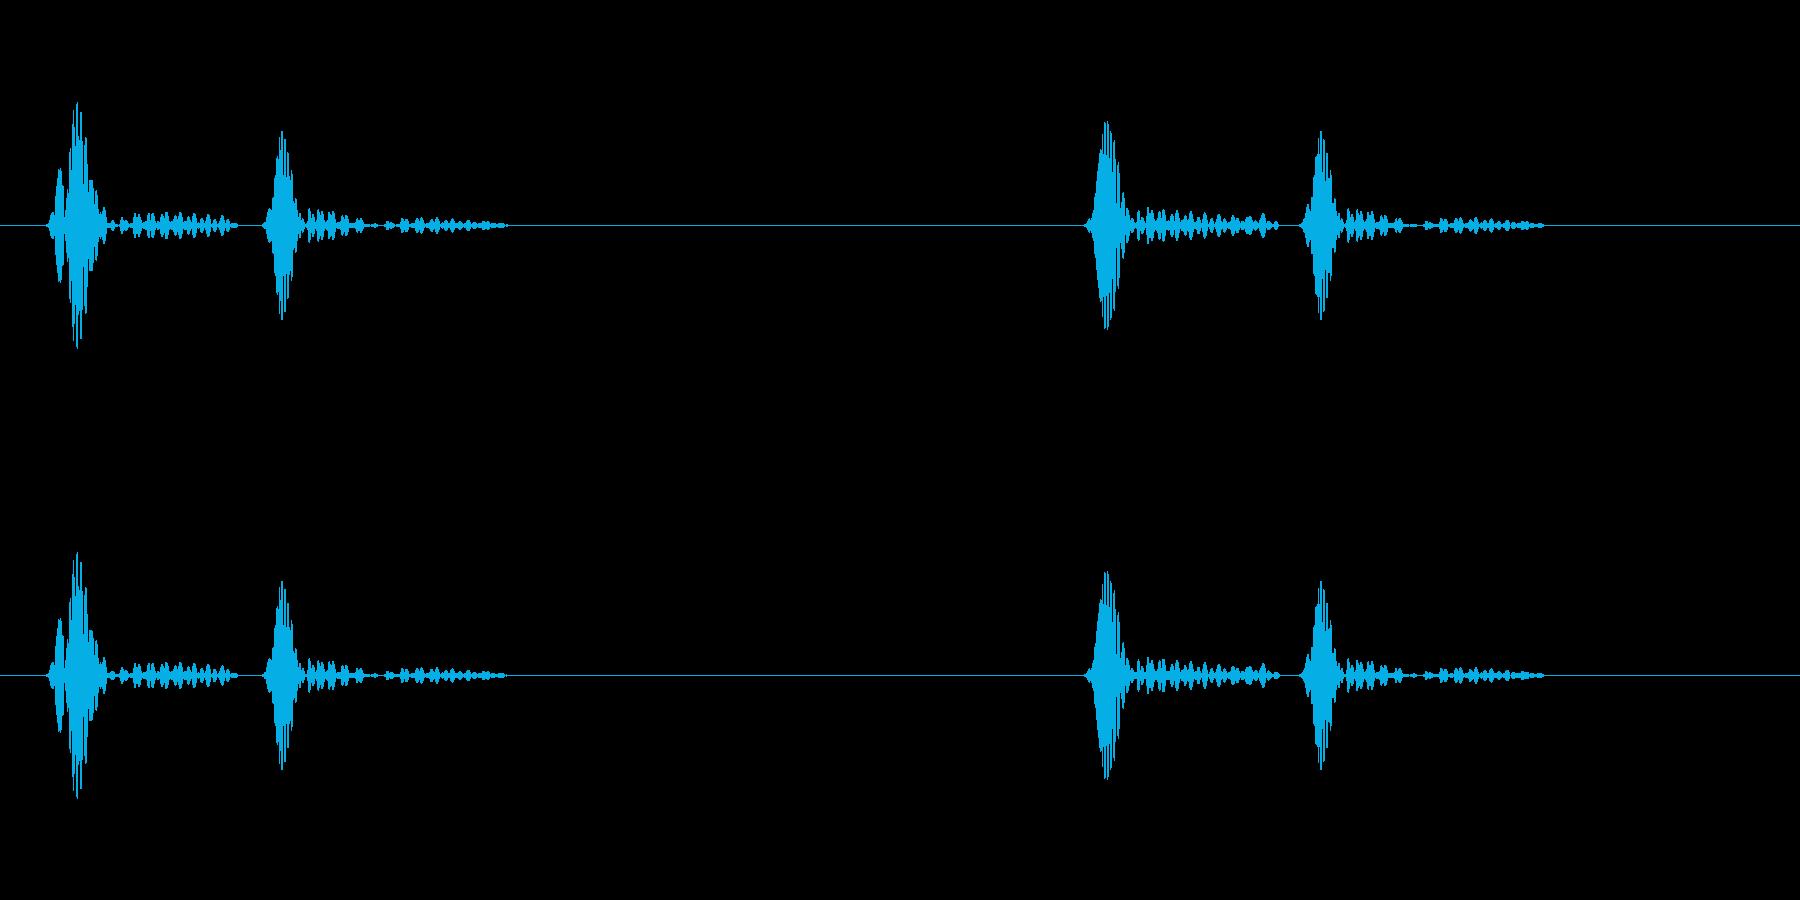 ドクンドクンという心臓の鼓動(遅)ループの再生済みの波形